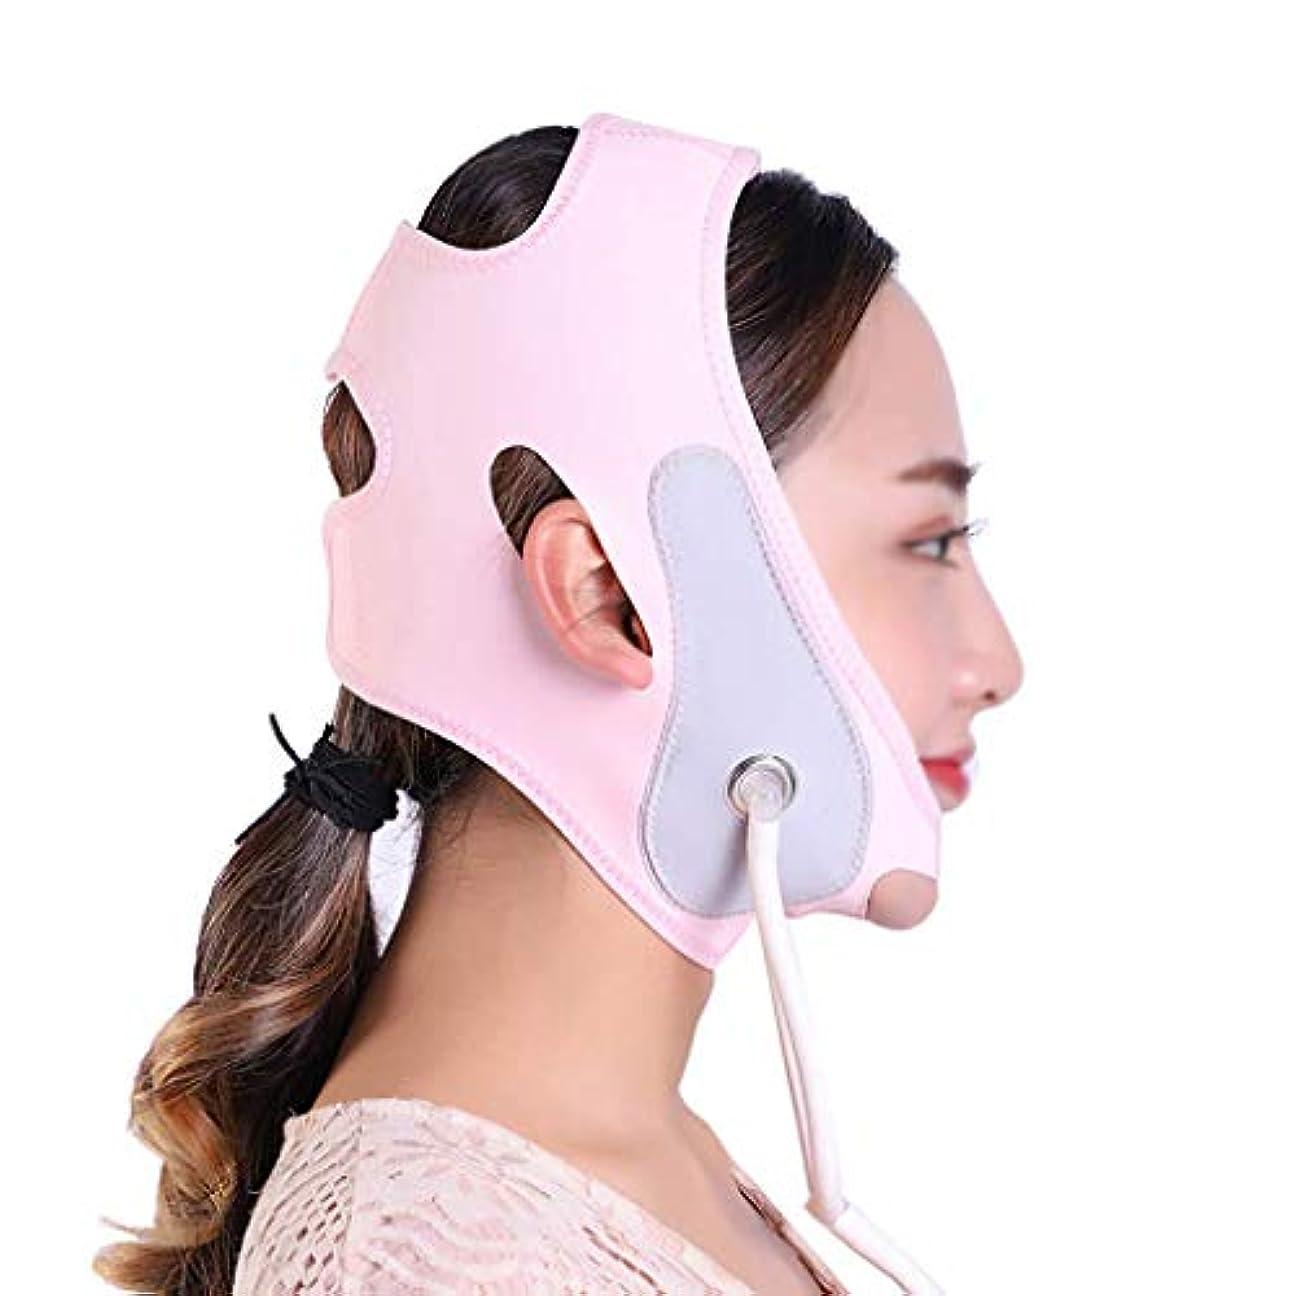 愛国的な崇拝しますヘビ顔と首のリフト後伸縮性スリーブシンフェイスマスク引き締め肌の改善マッサージリフティング収縮シンフェイス弾性包帯Vフェイスアーティファクト